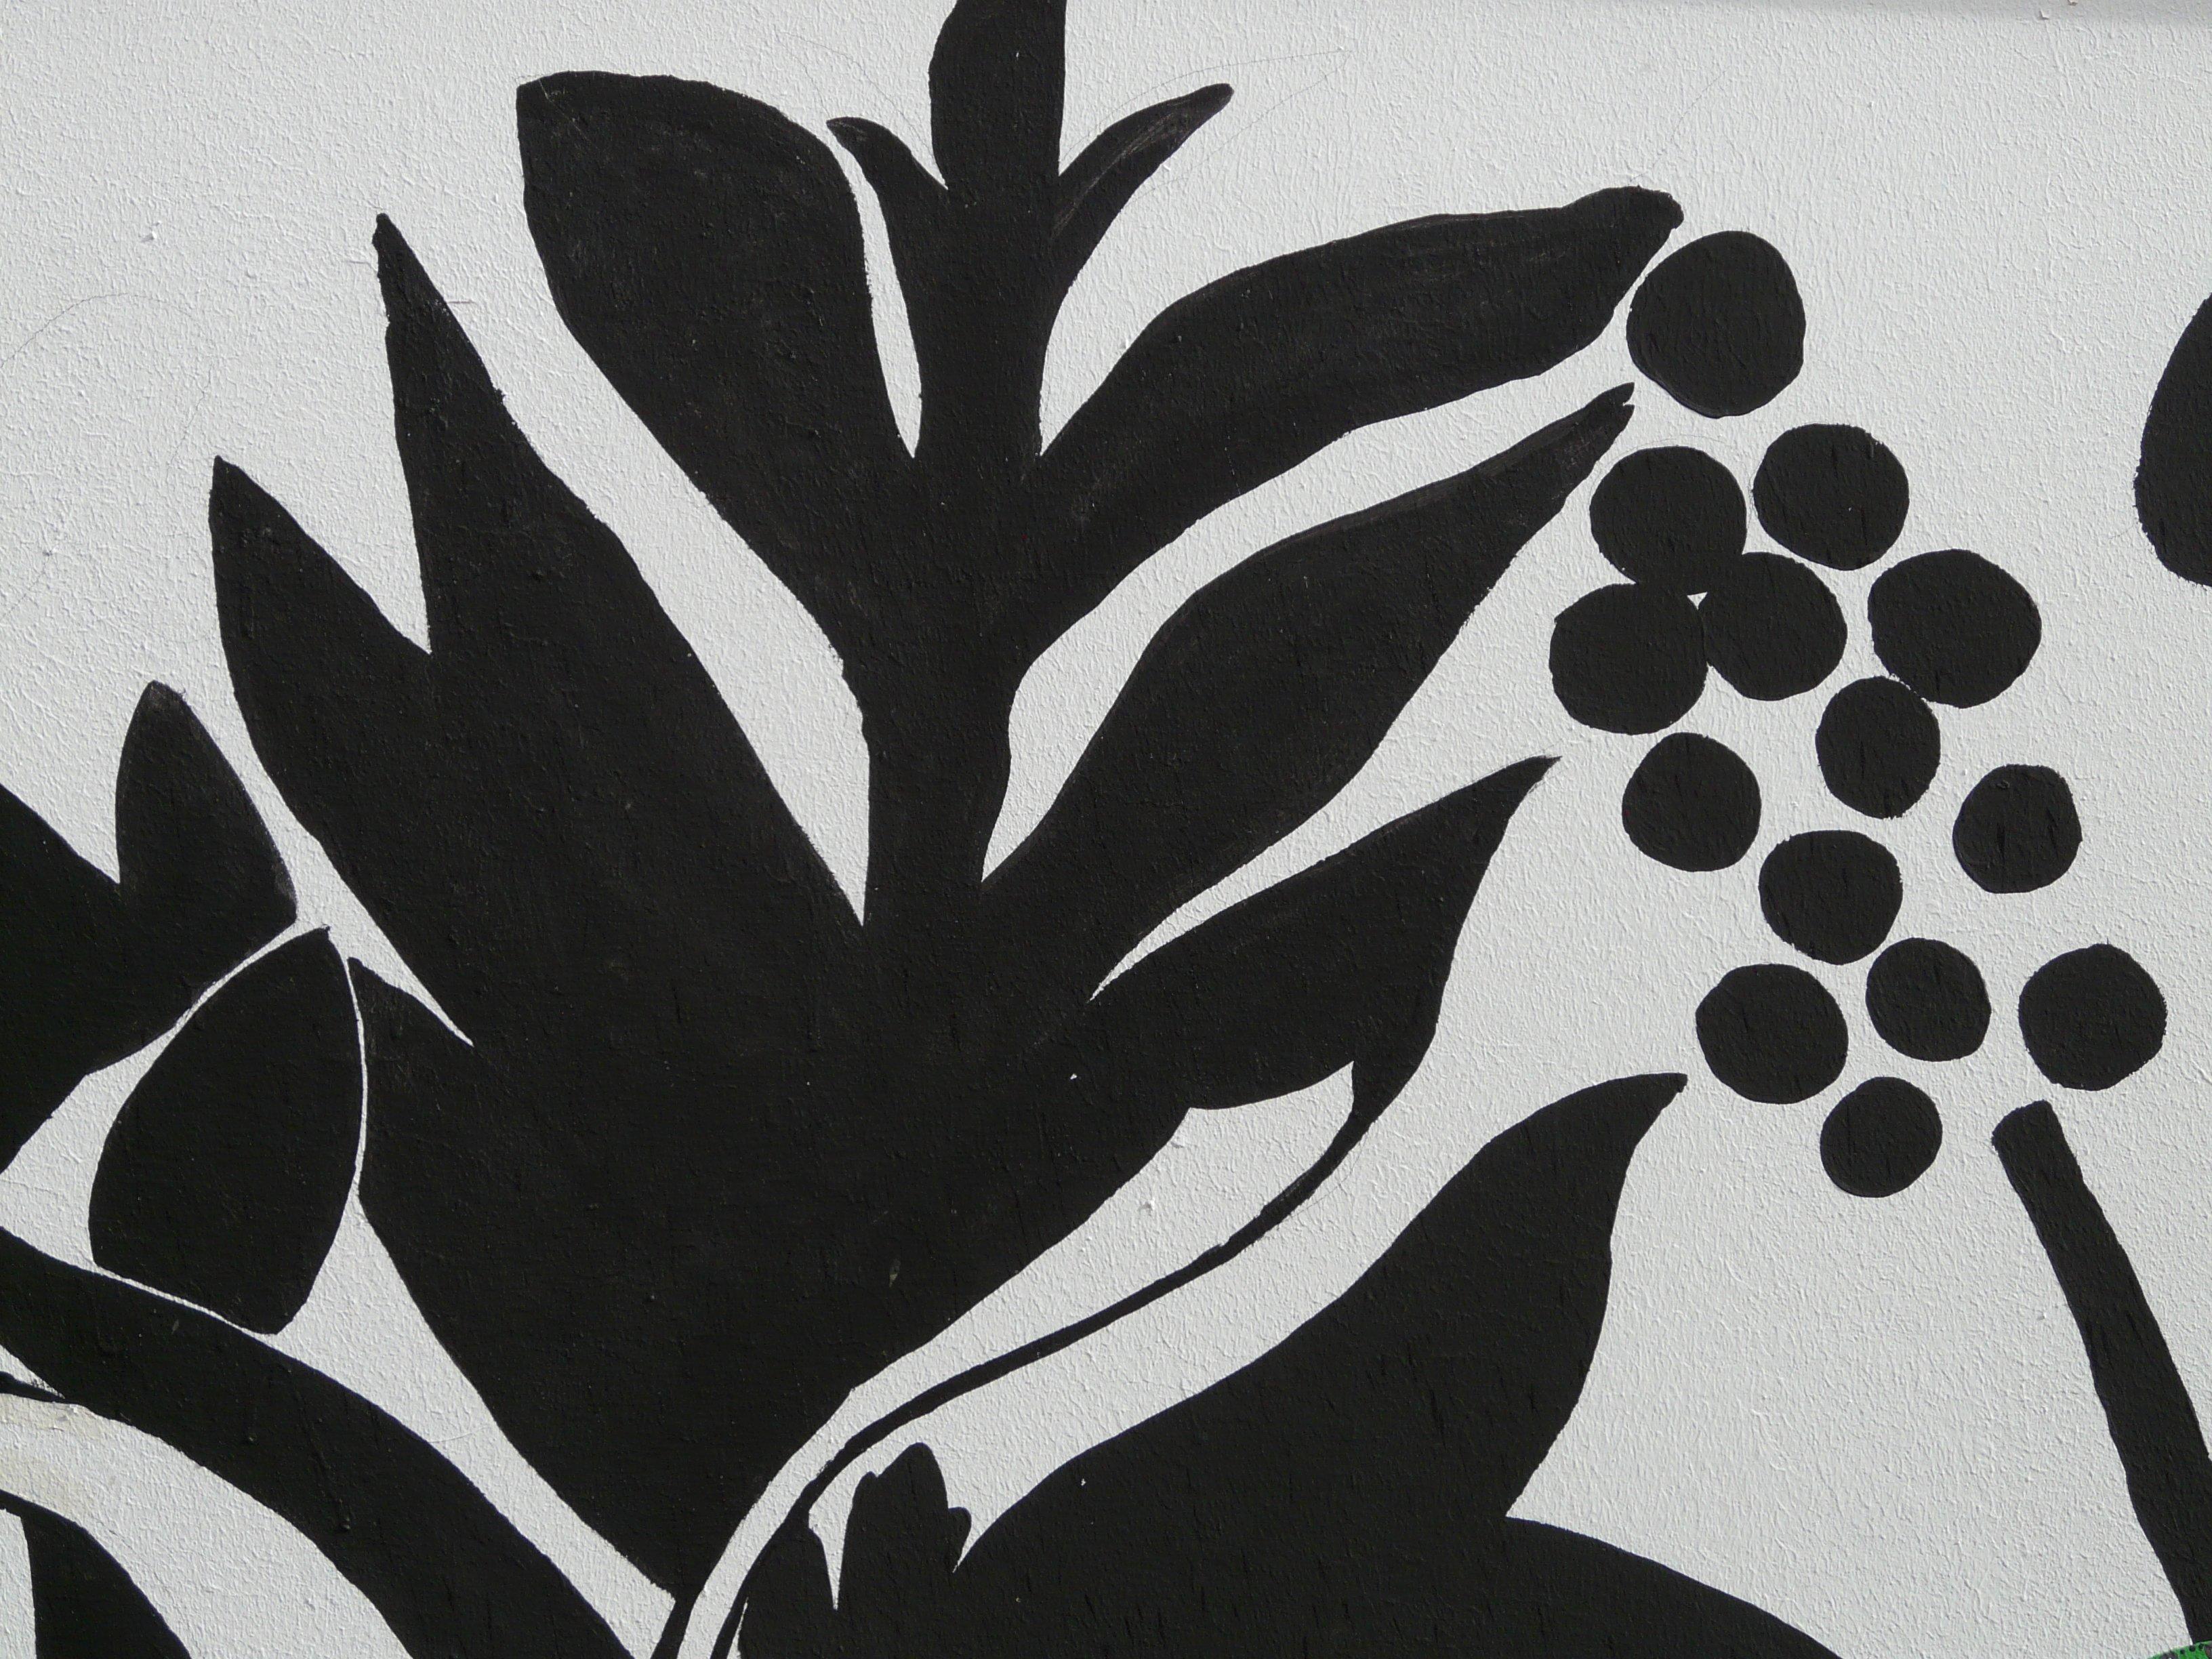 Gambar Abstrak Hitam Dan Putih Menanam Daun Bunga